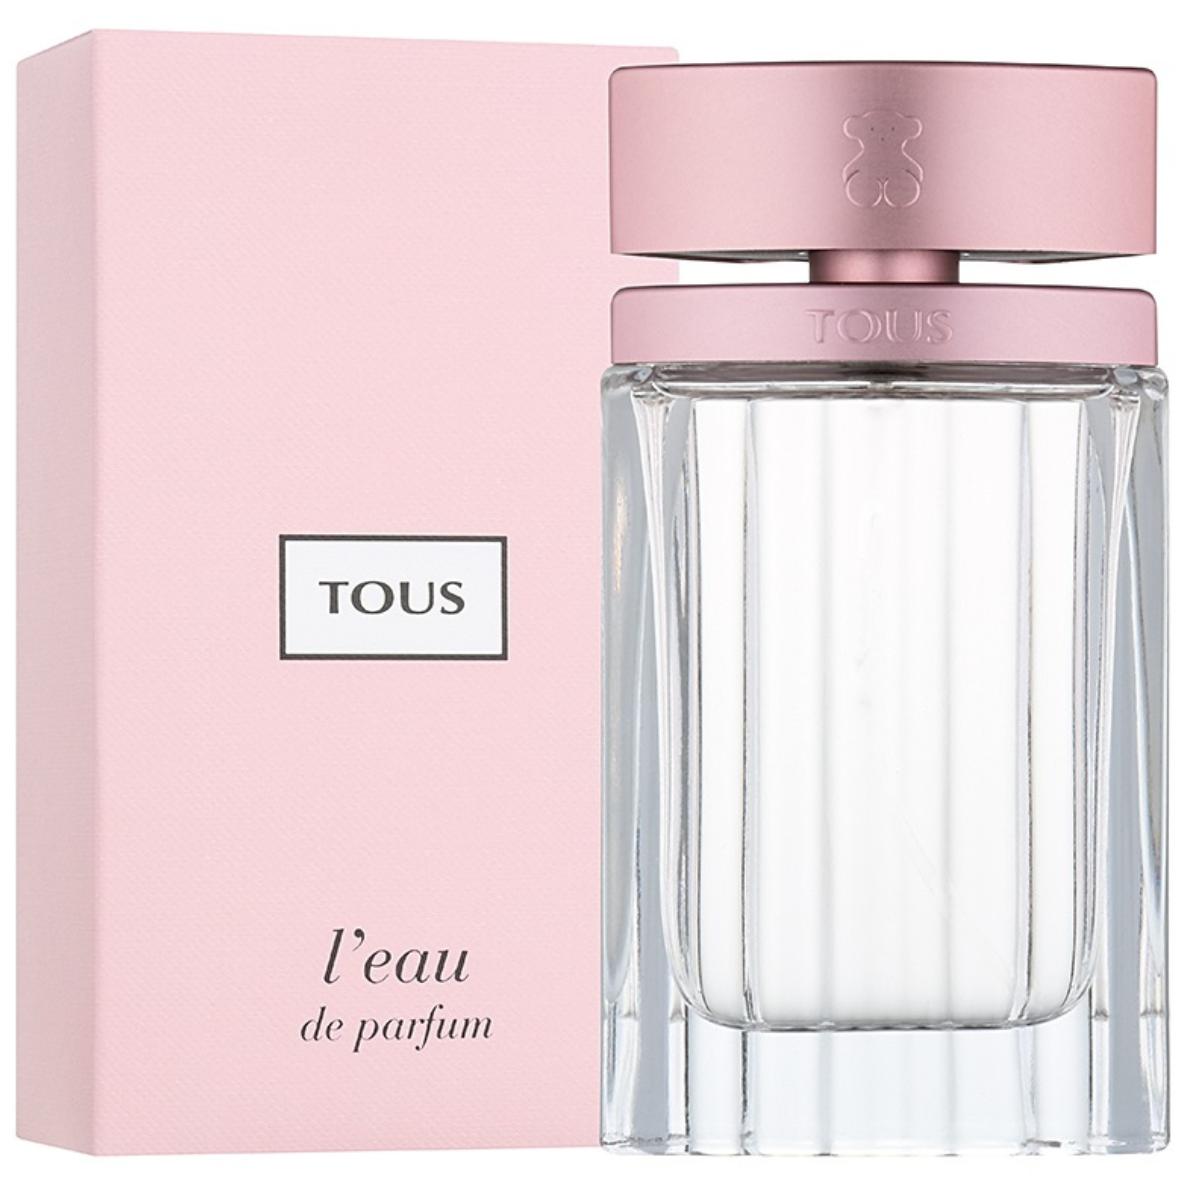 Tous - L'eau de Parfum  - eau de parfum